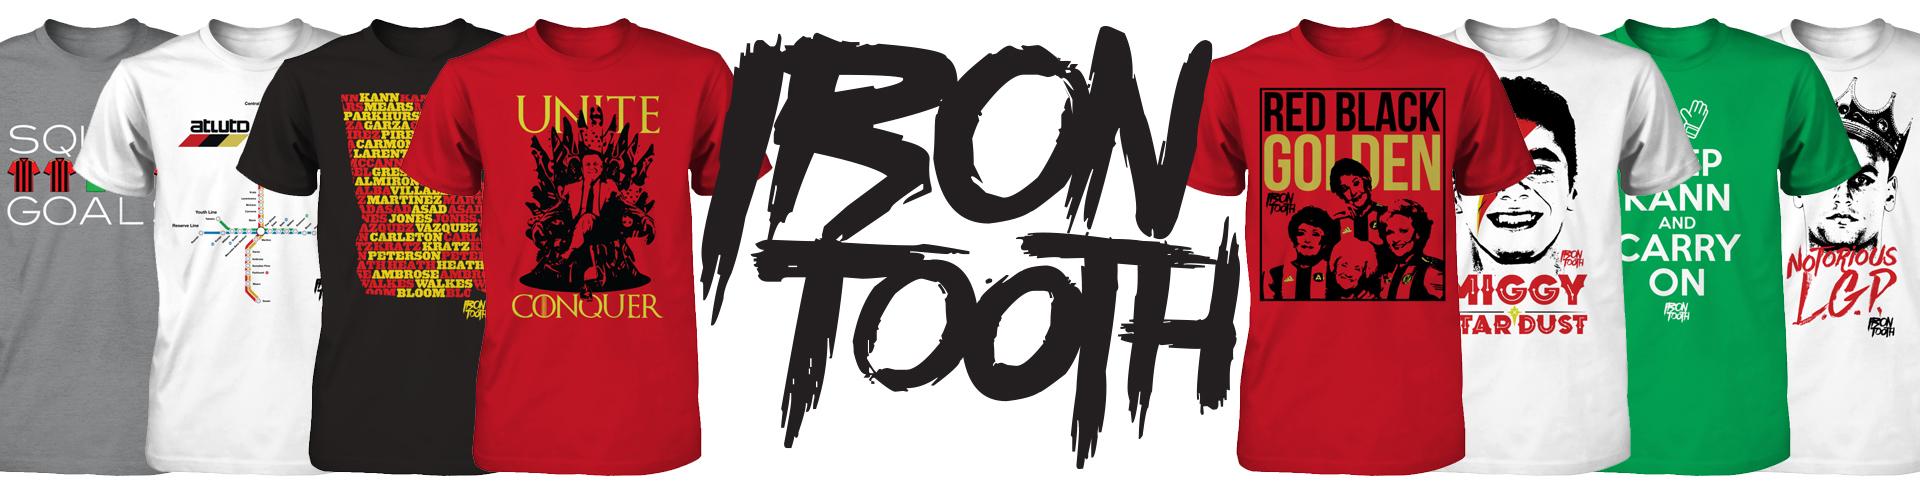 Irontooth Store